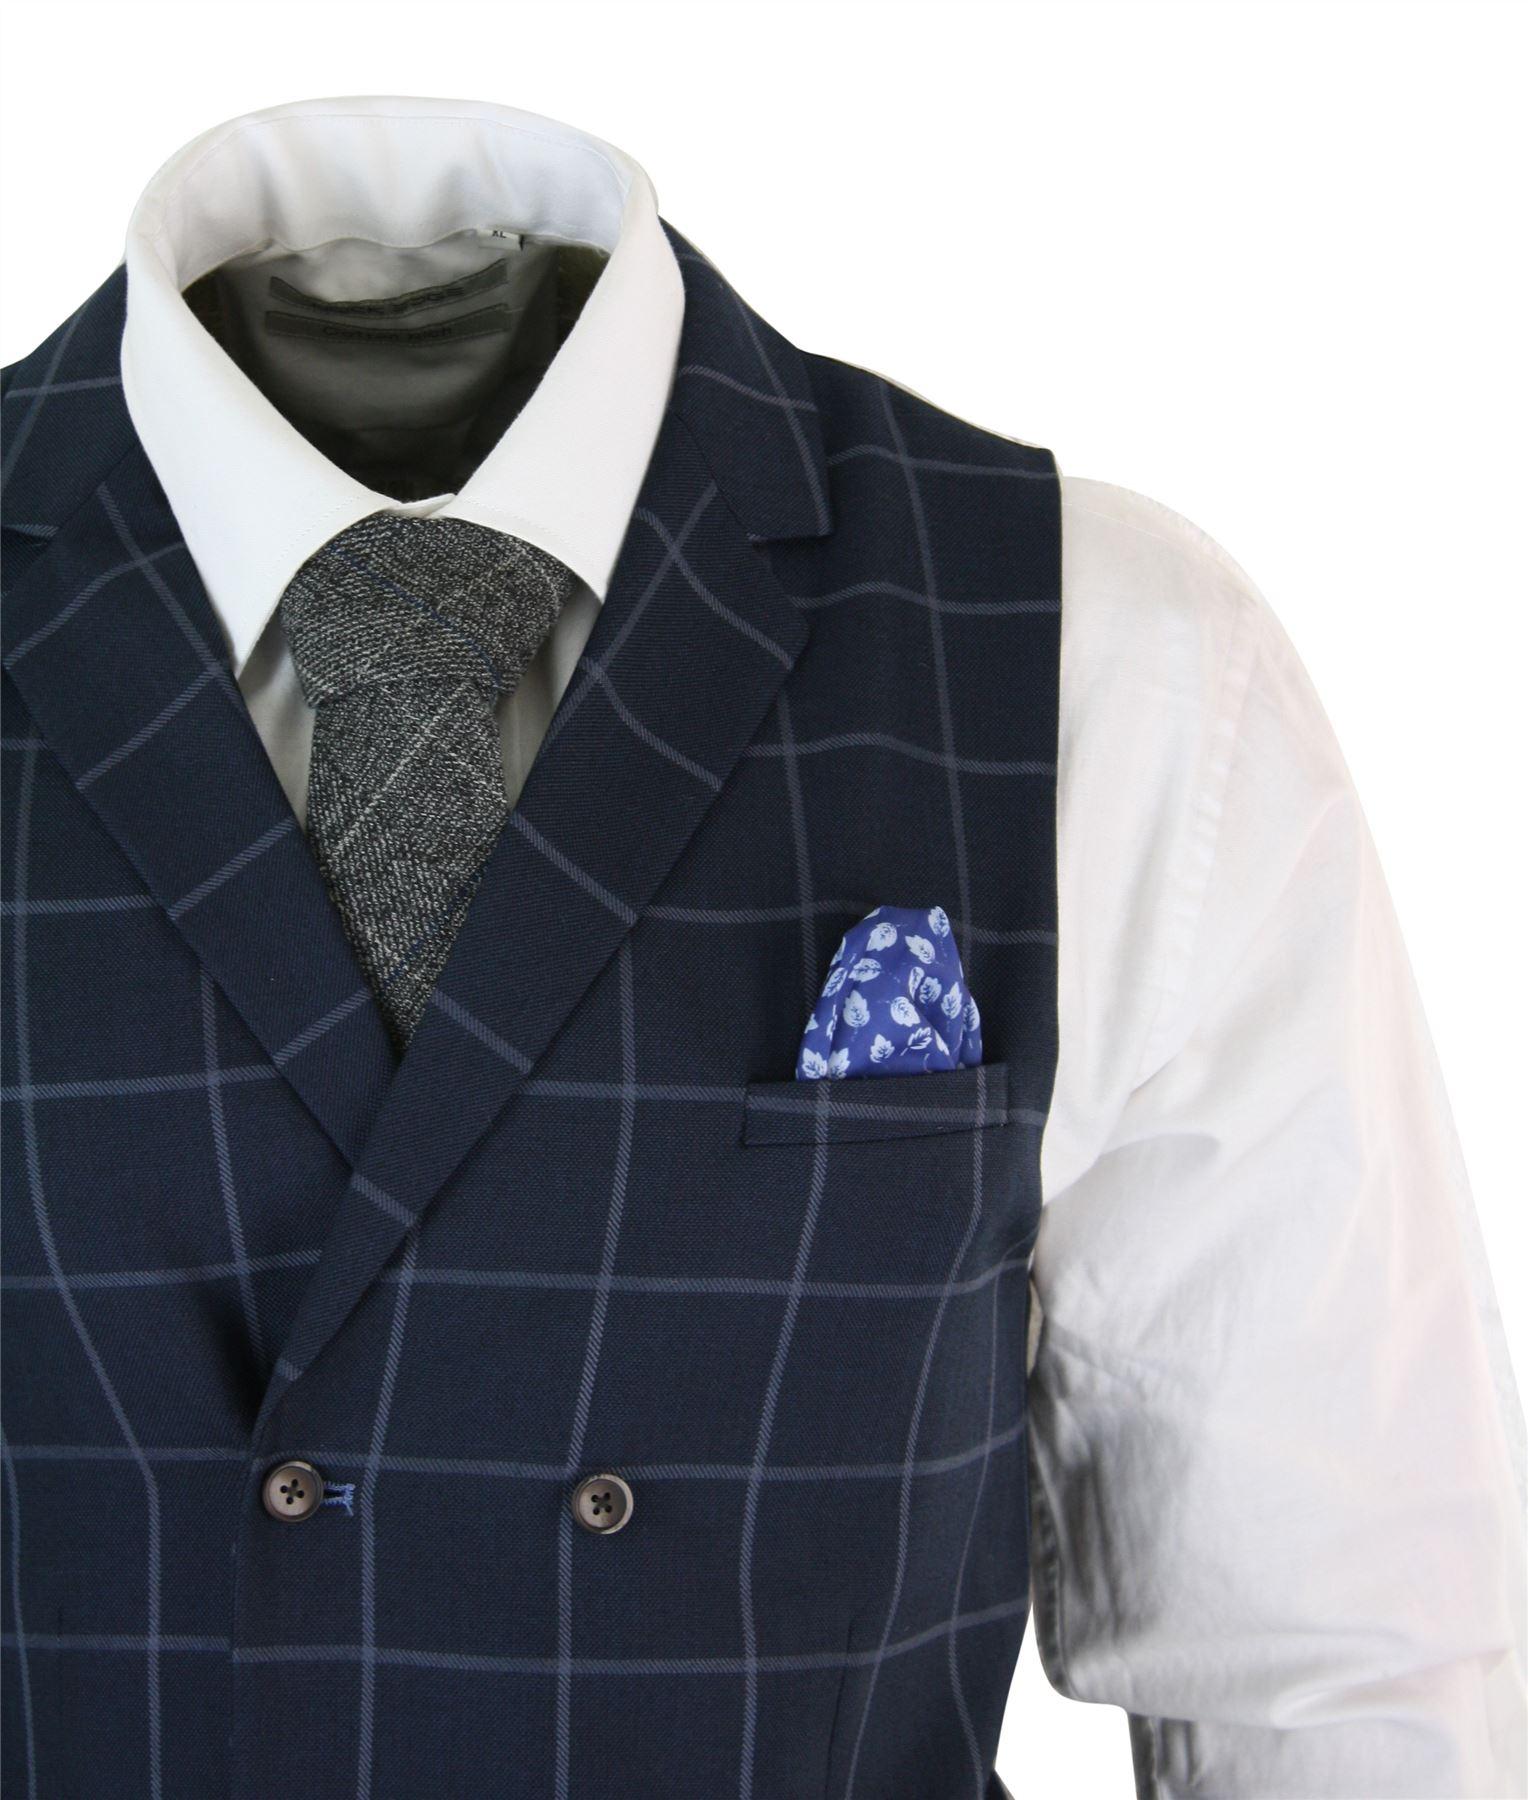 Mens-Double-Breasted-Herringbone-Tweed-Peaky-Blinders-Vintage-Check-Waistcoat miniatuur 8